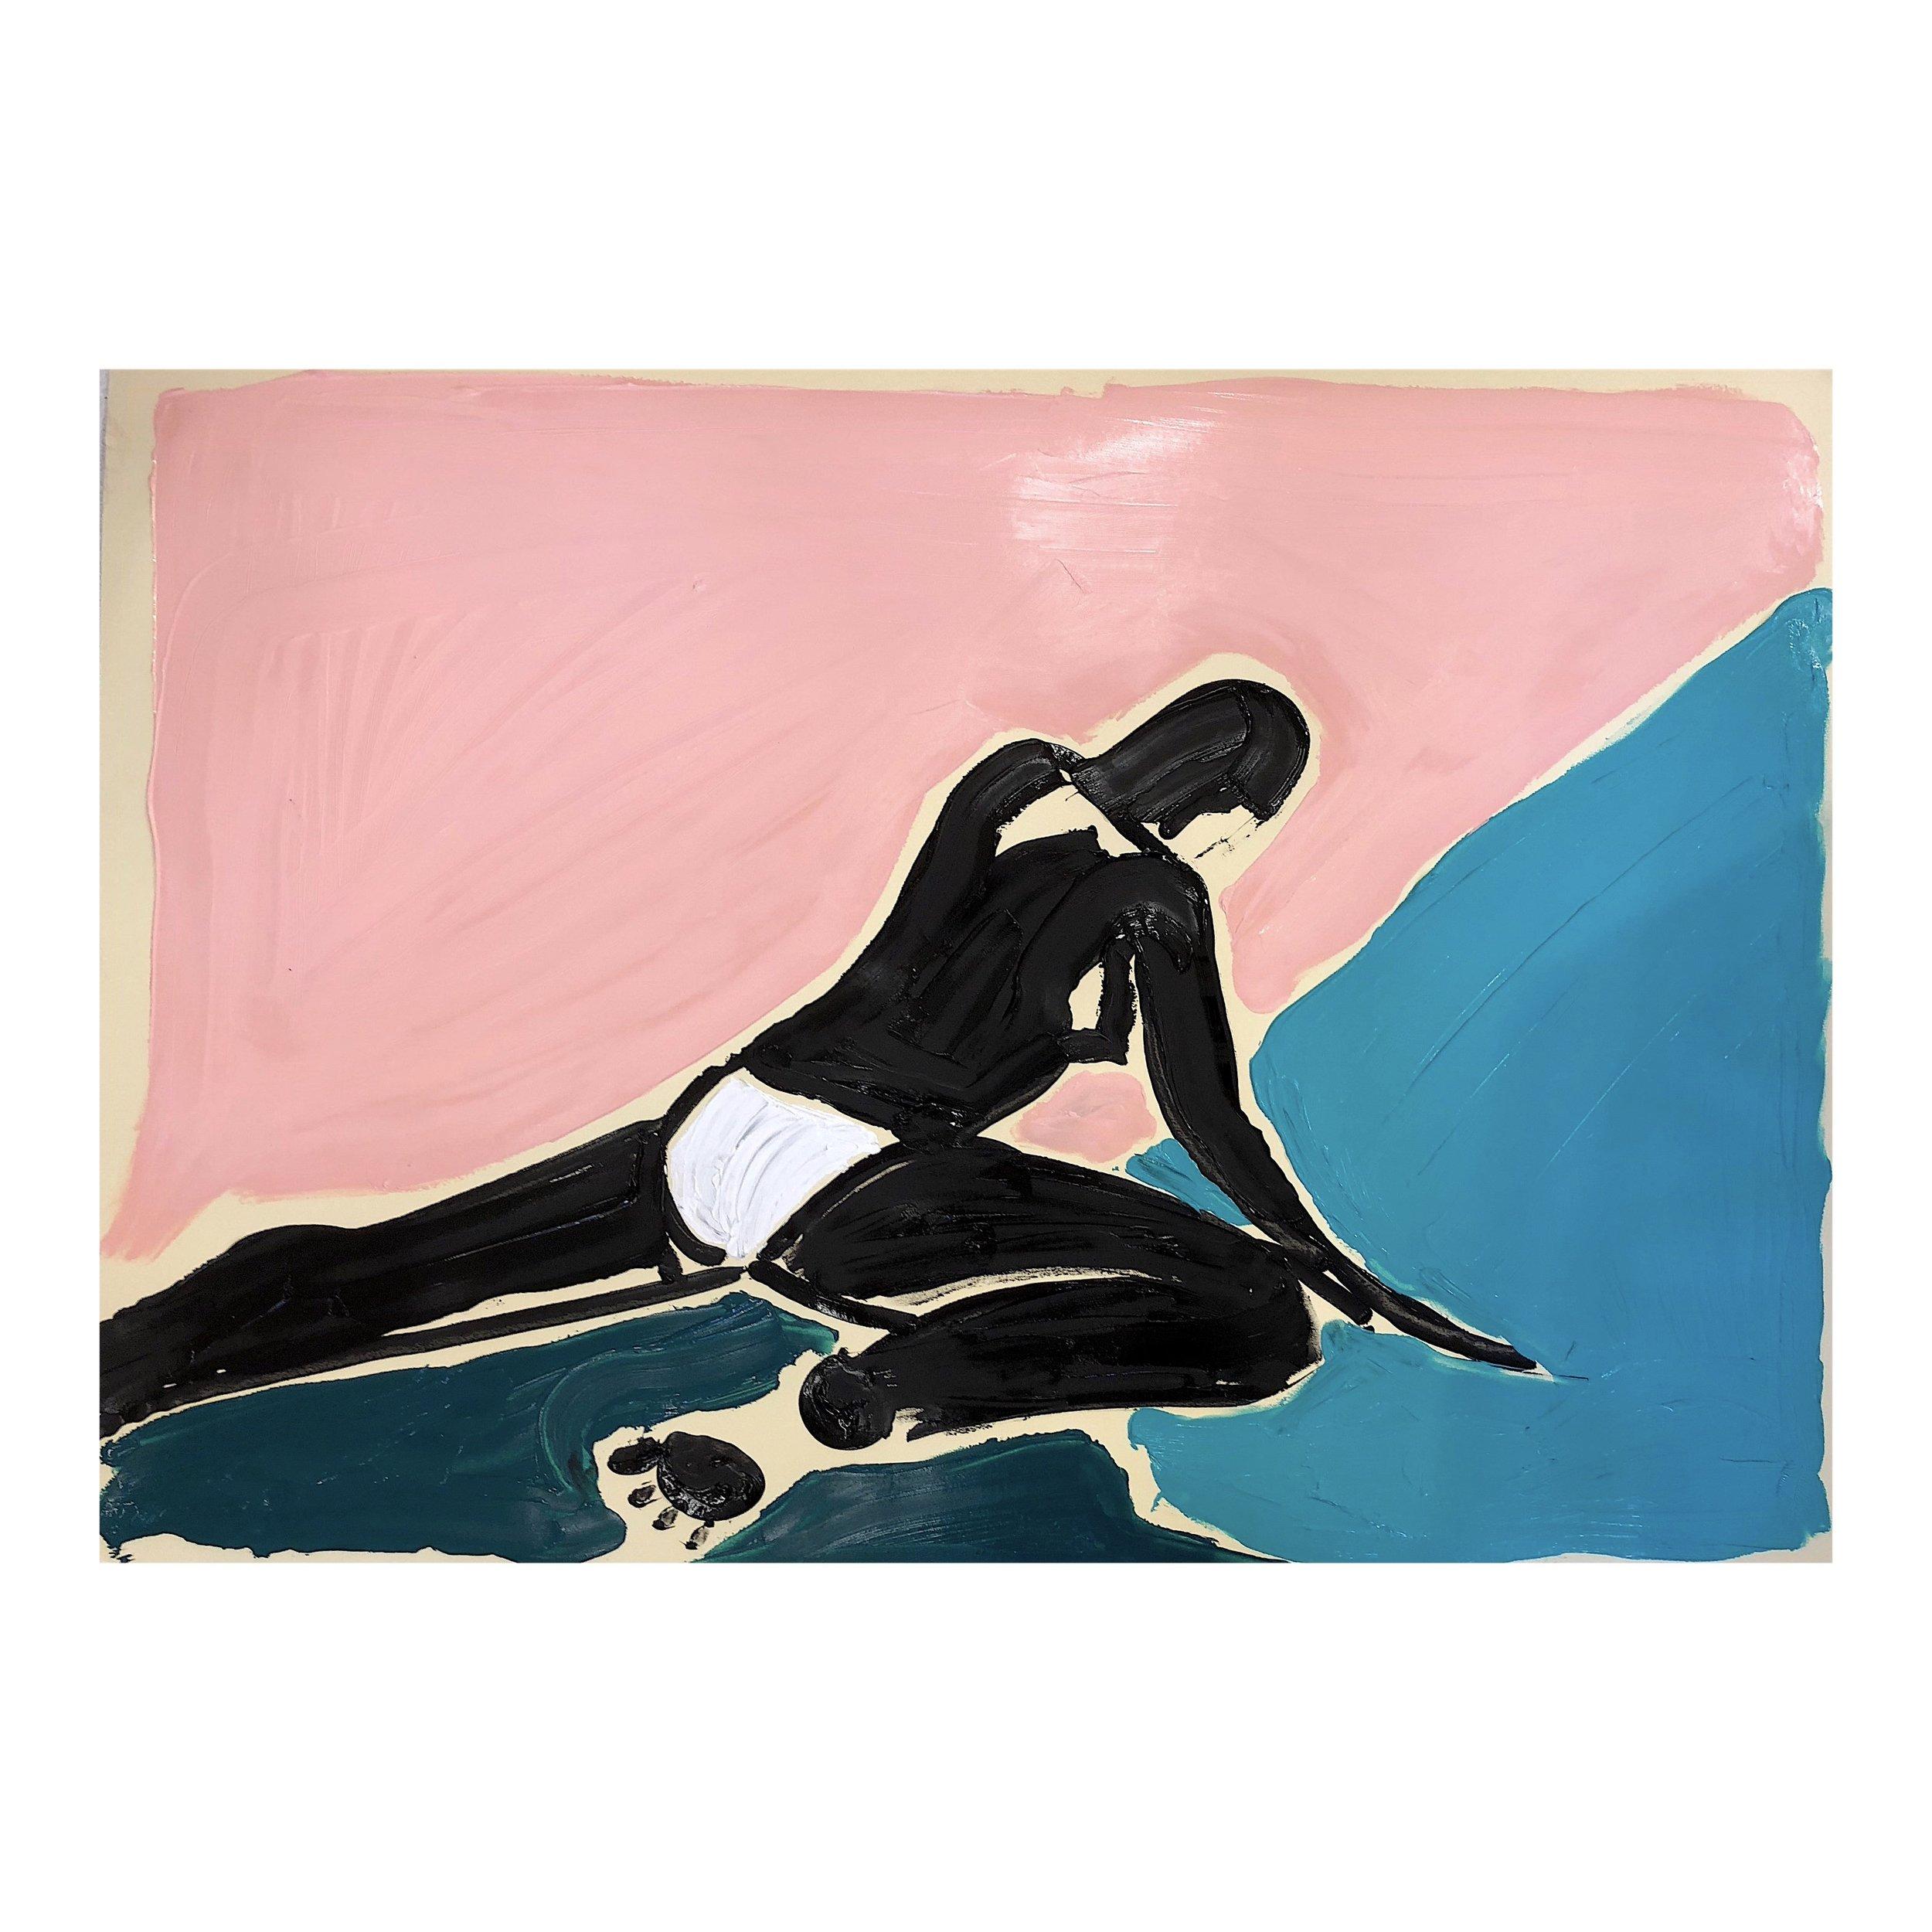 'Beach 3', Acrylic on paper, 58x84cm